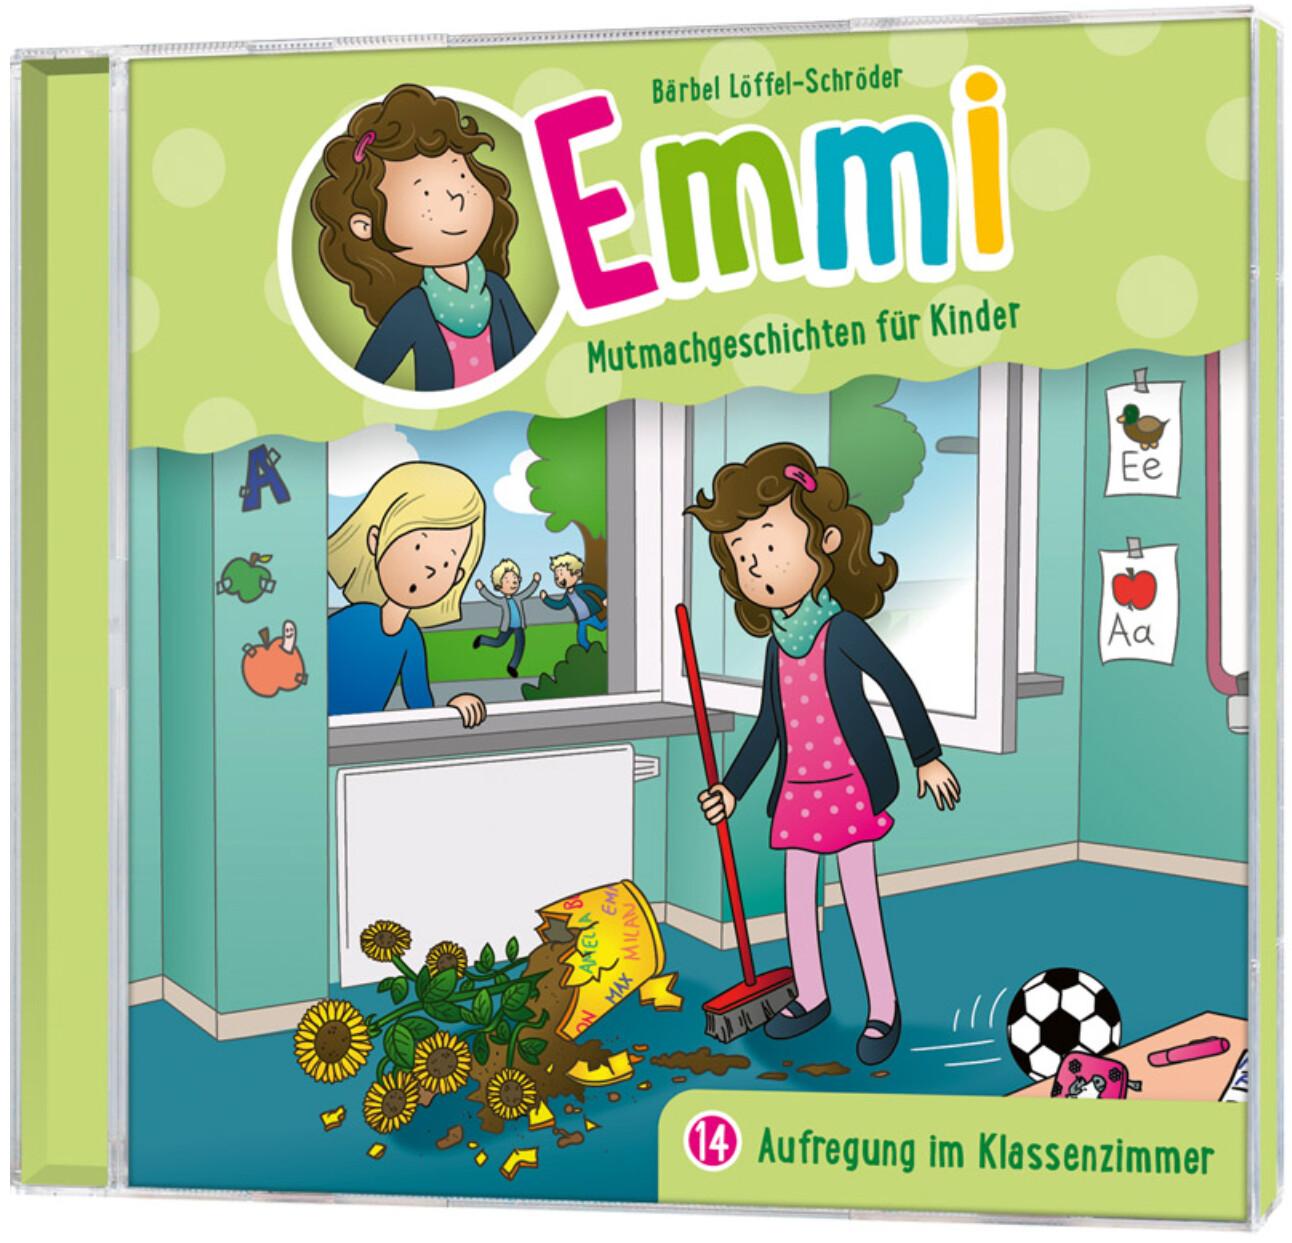 CD Aufregung im Klassenzimmer - Emmi (14)